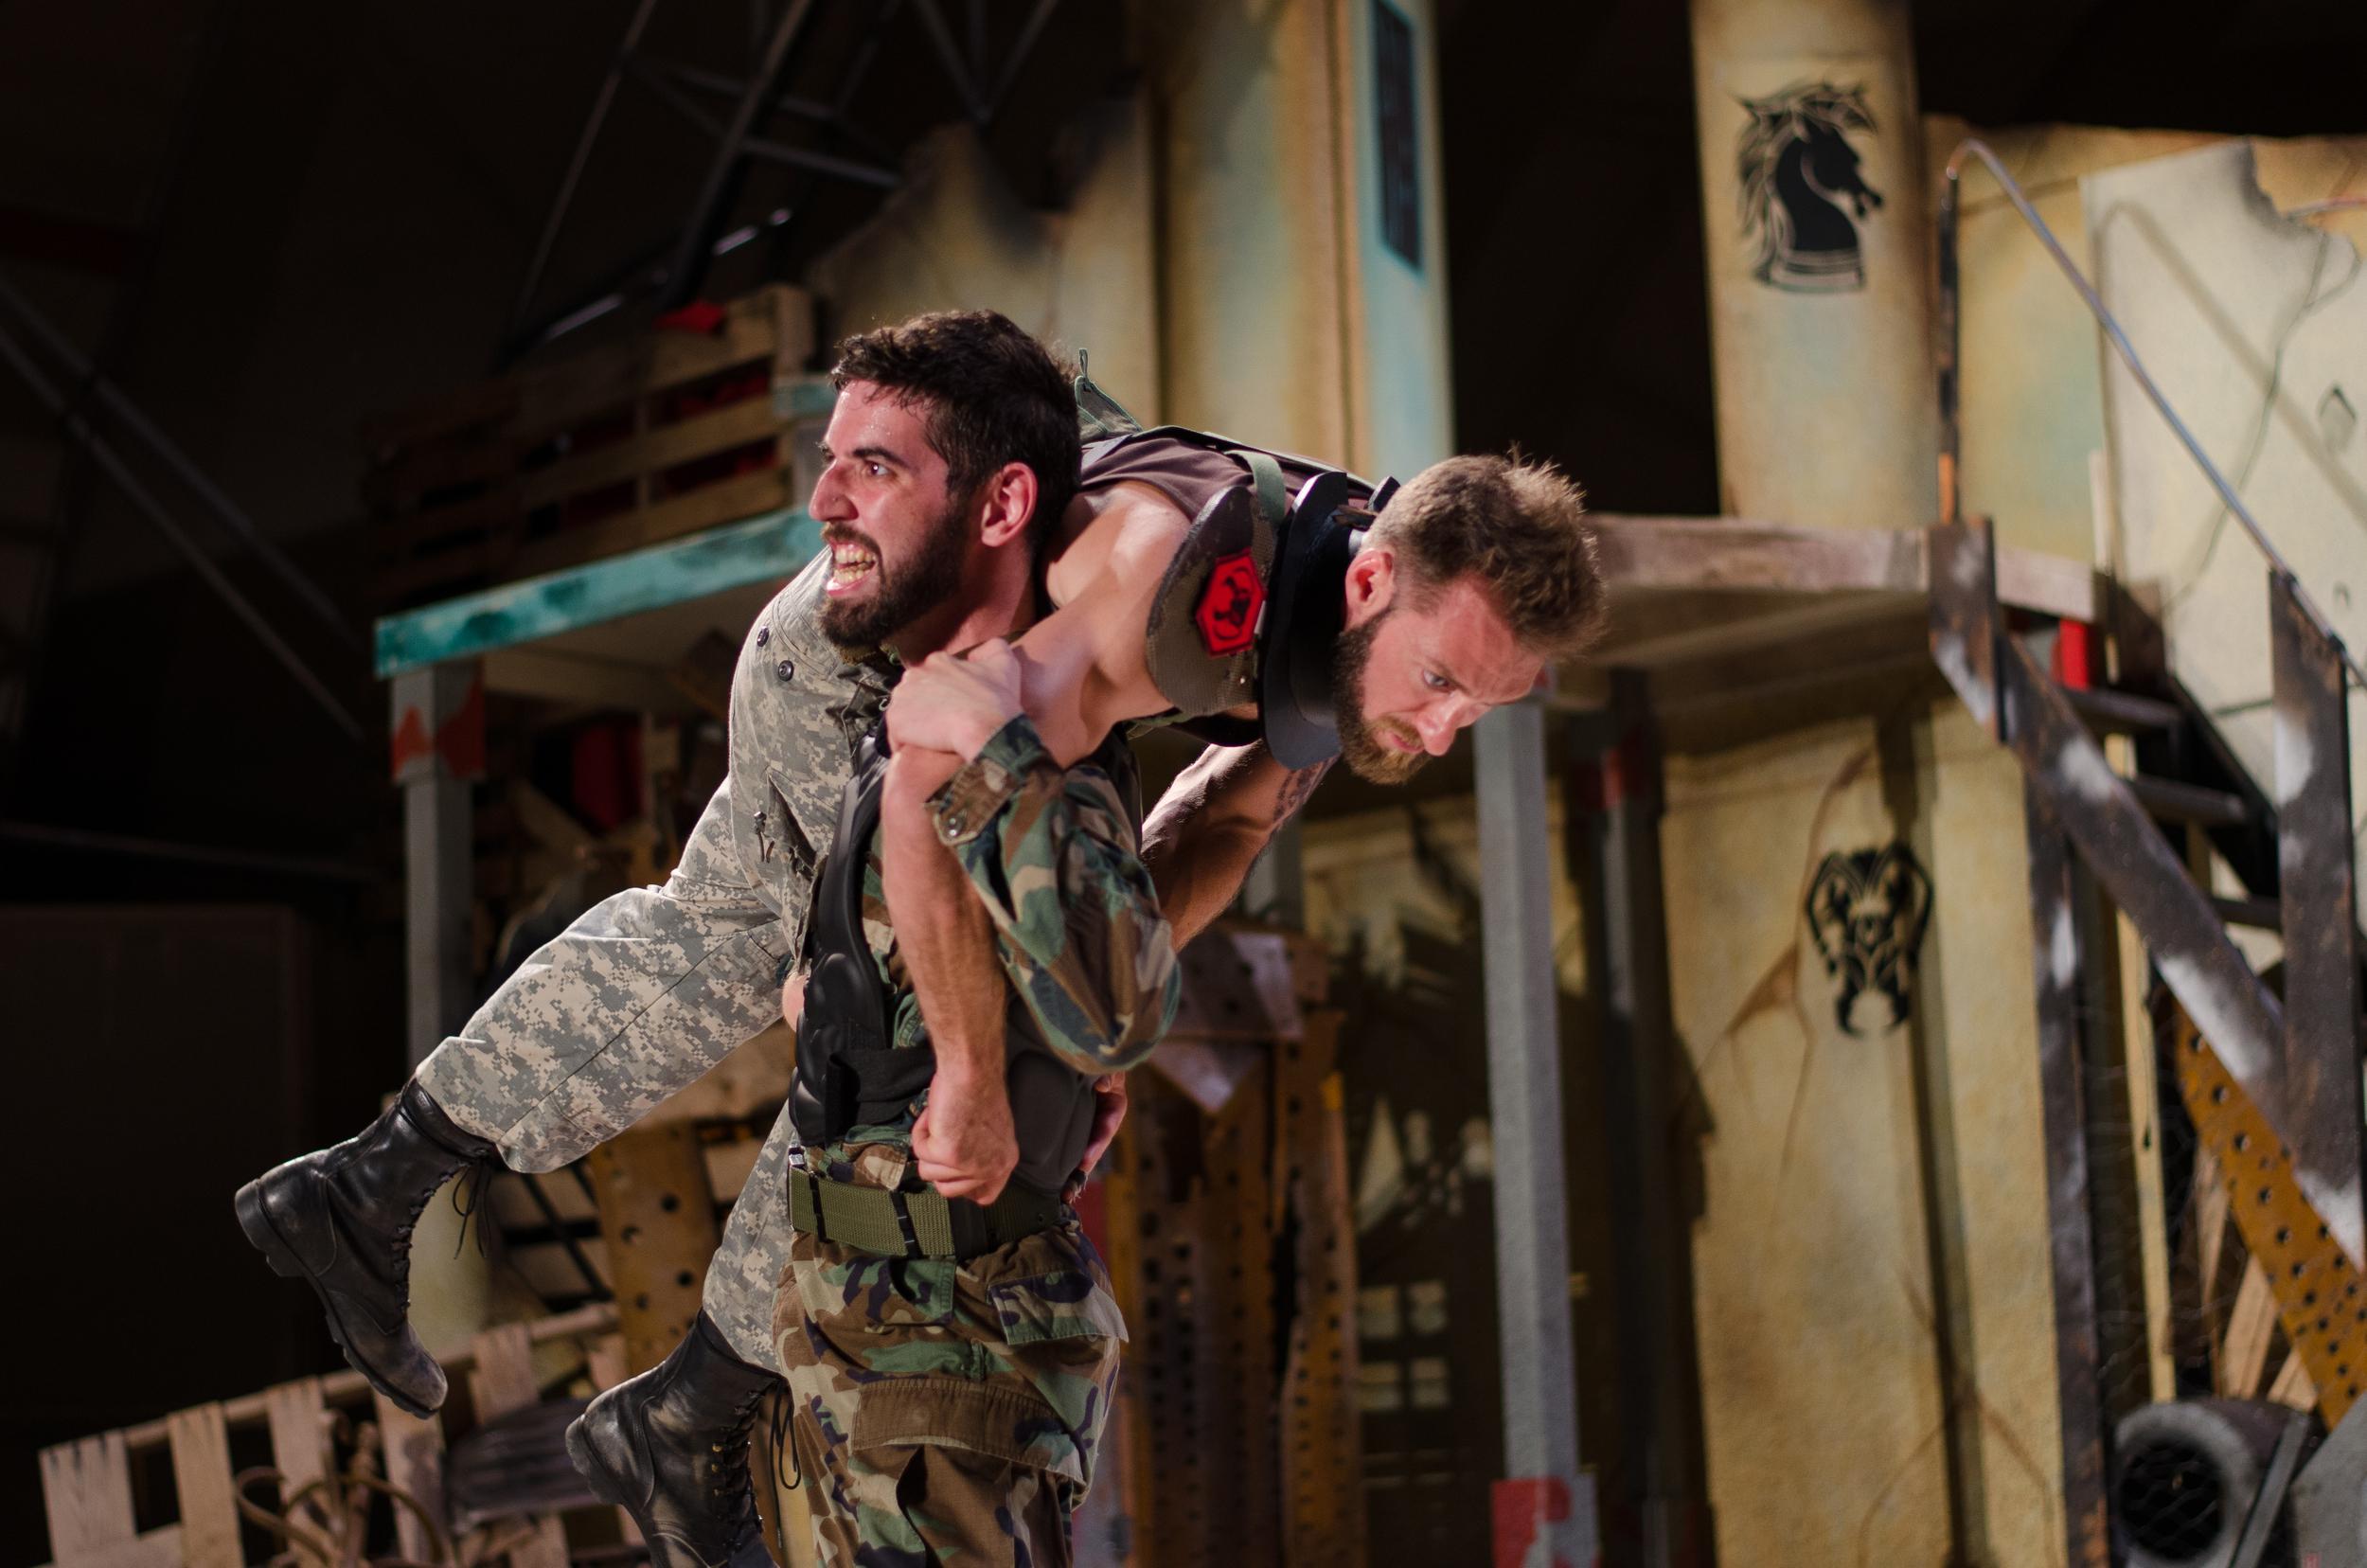 Hector (Sean Adams), Achilles (Sean Adams)